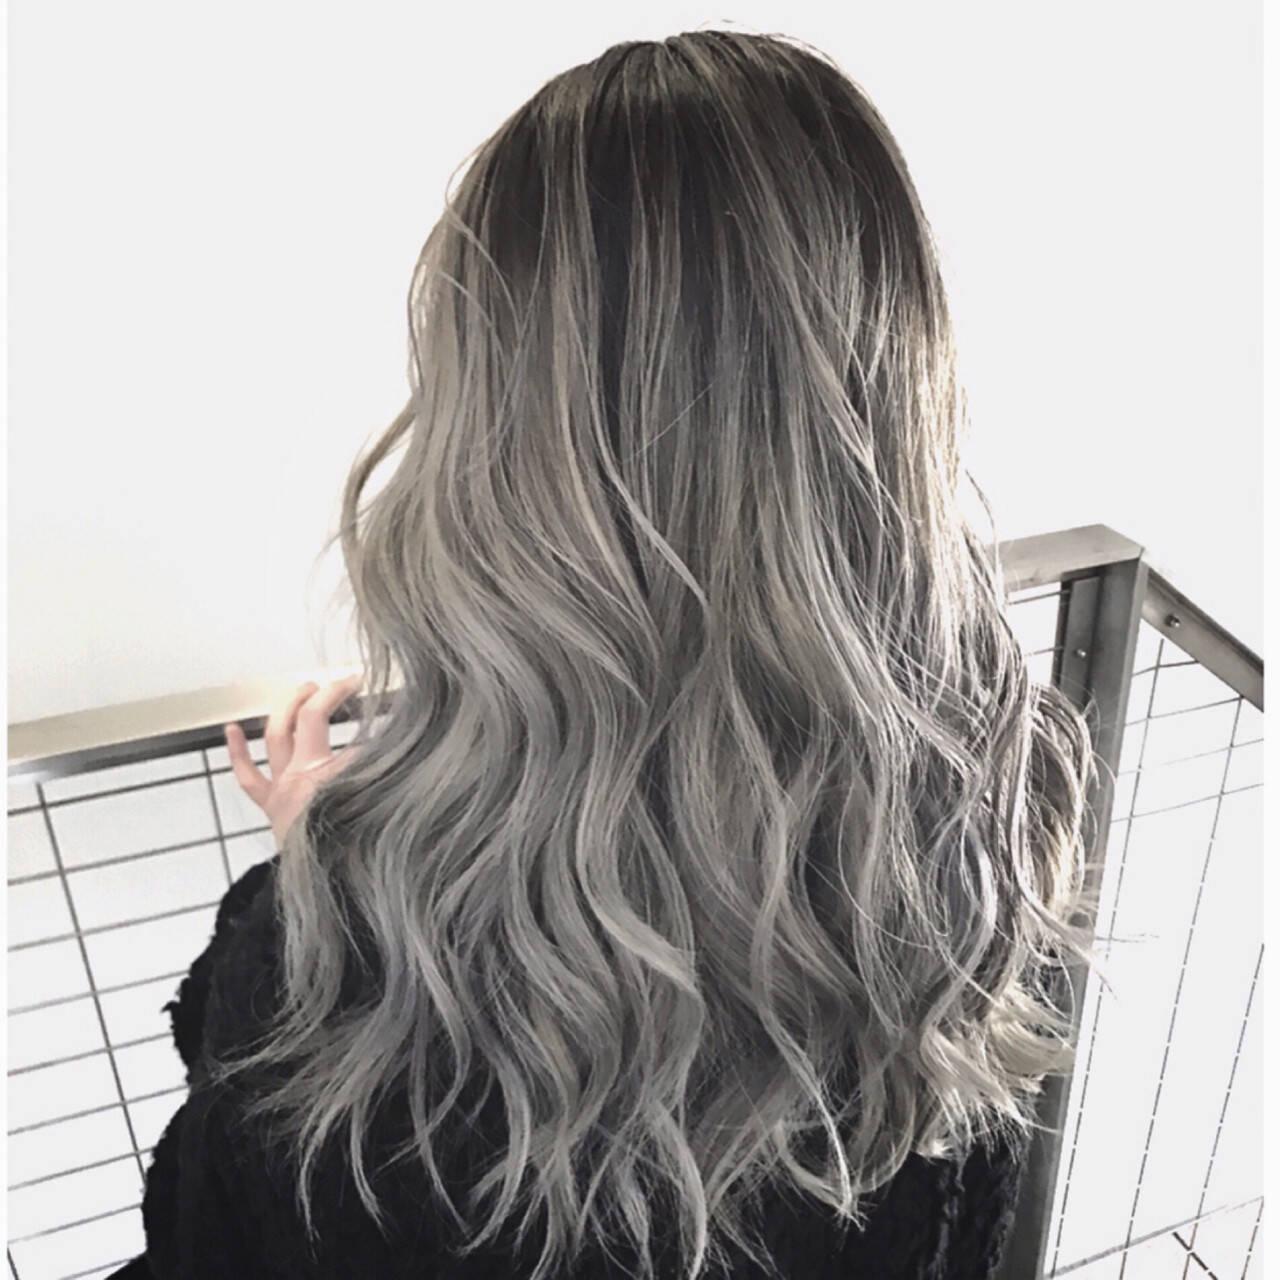 ロング バレイヤージュ ストリート ハイライトヘアスタイルや髪型の写真・画像